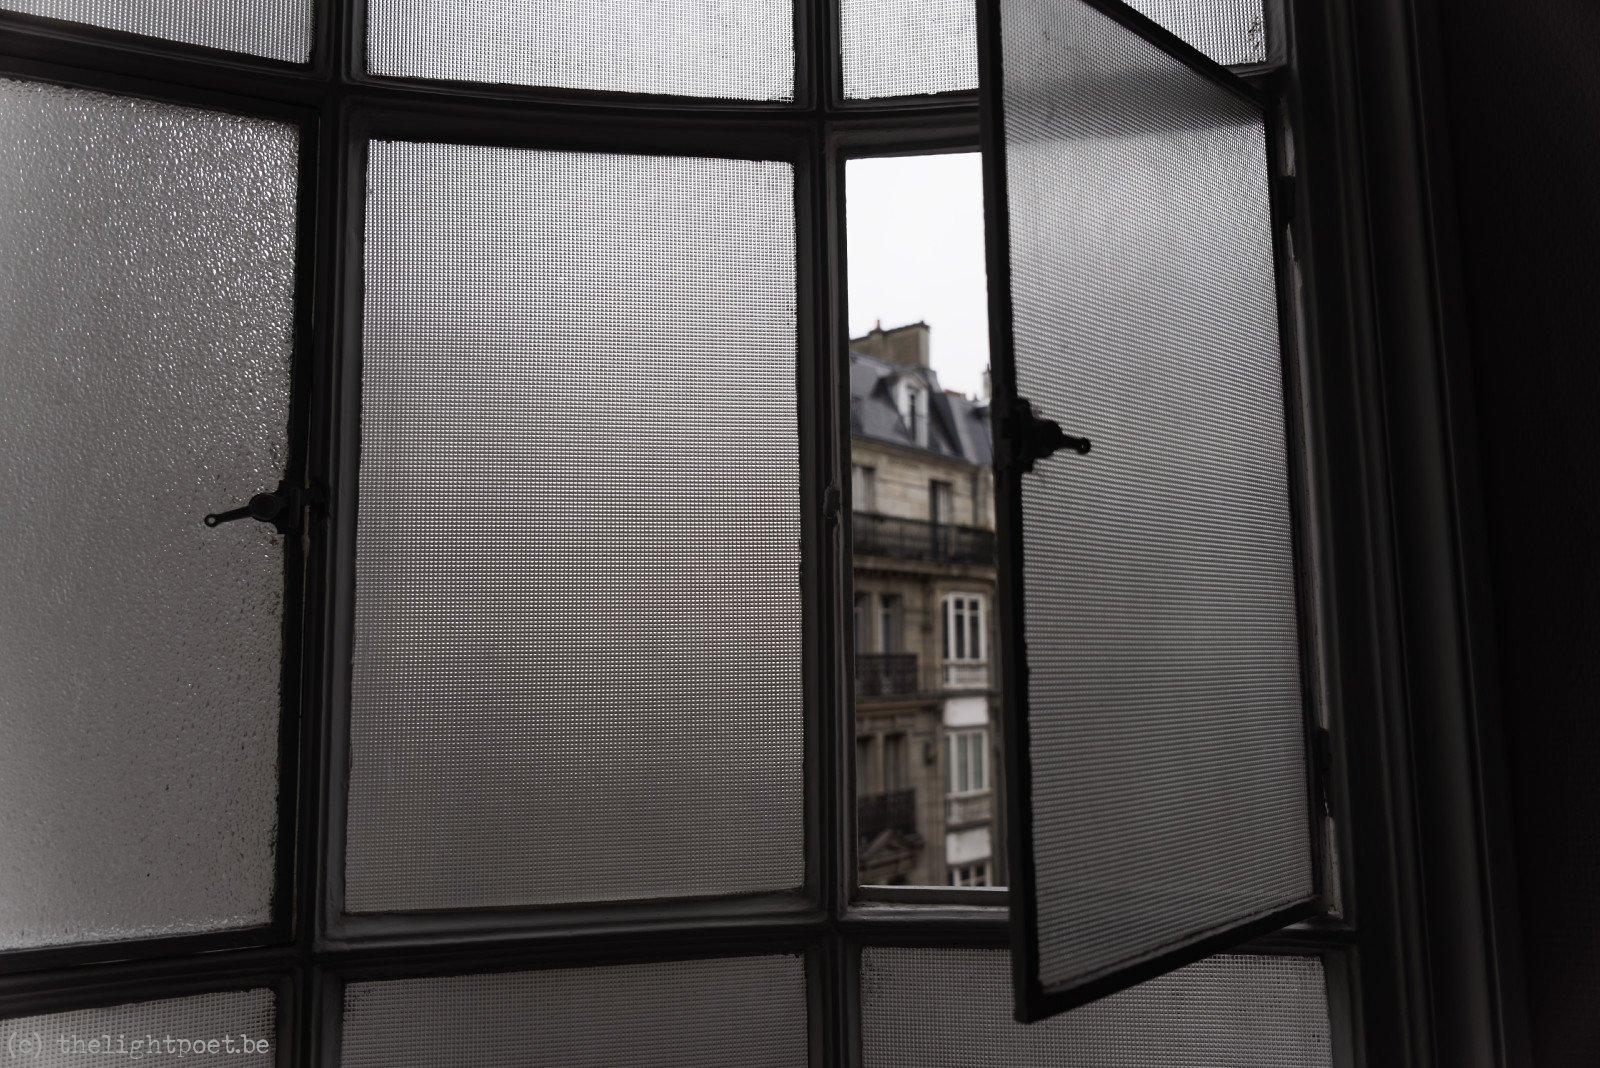 2016_08_Parijs_20160804_111402_DxO_v11_1600px